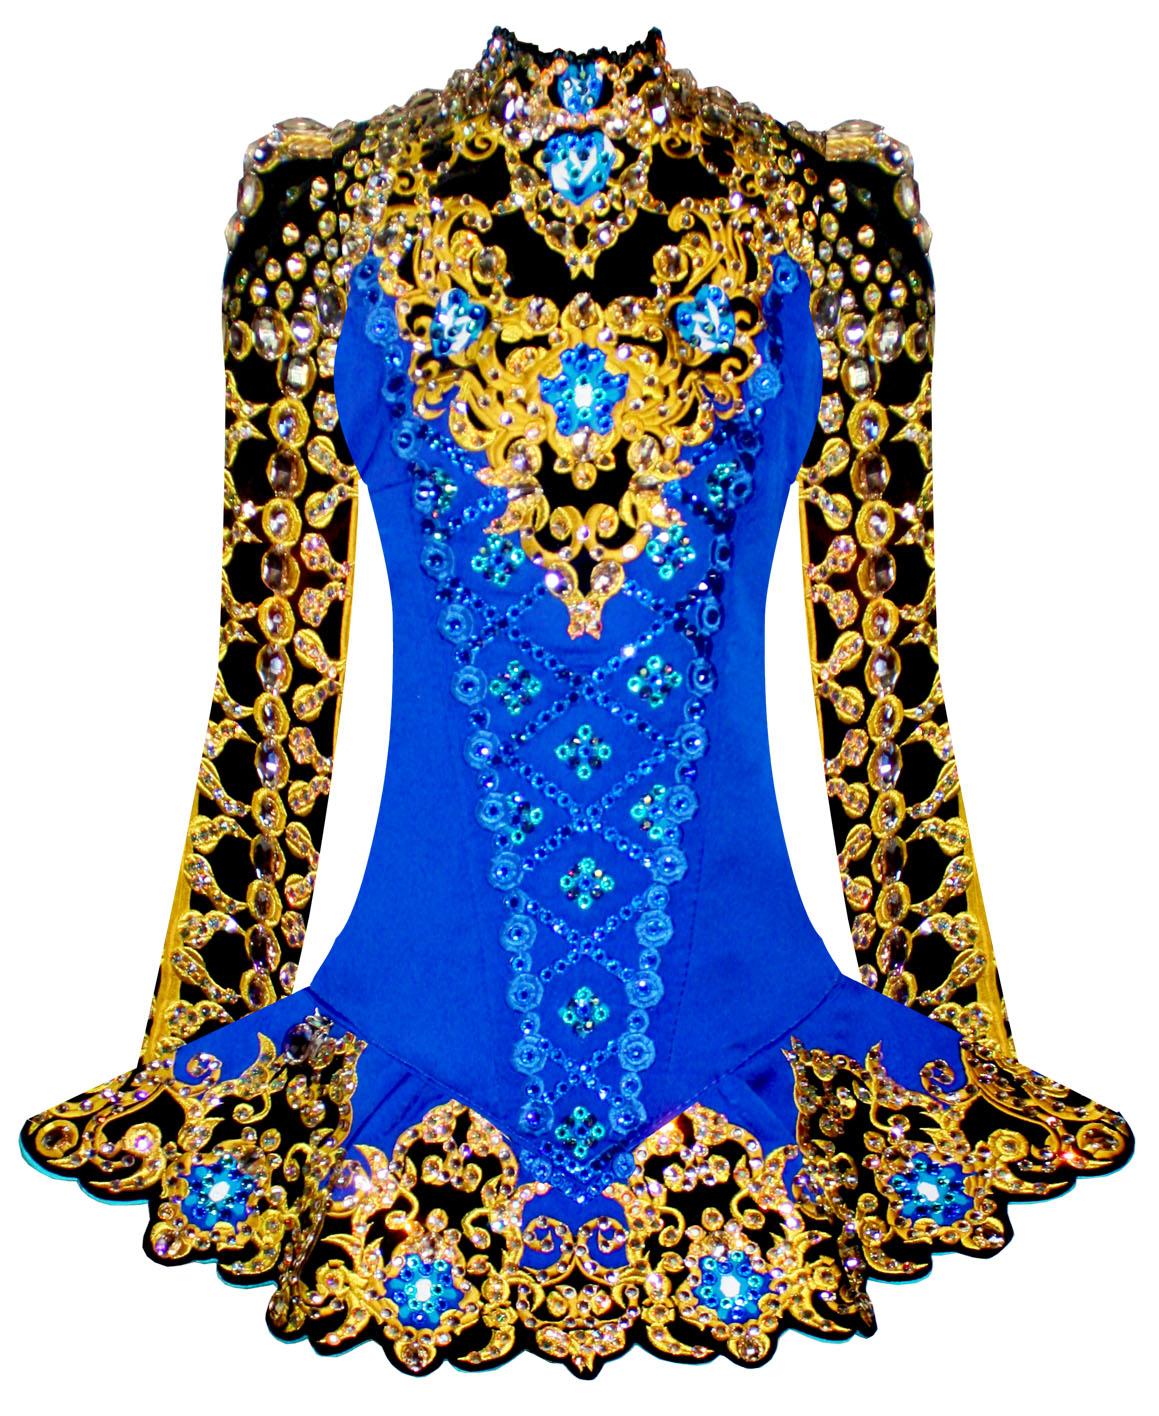 Dress clipart irish dancing Dancing process Dresses making Dancing